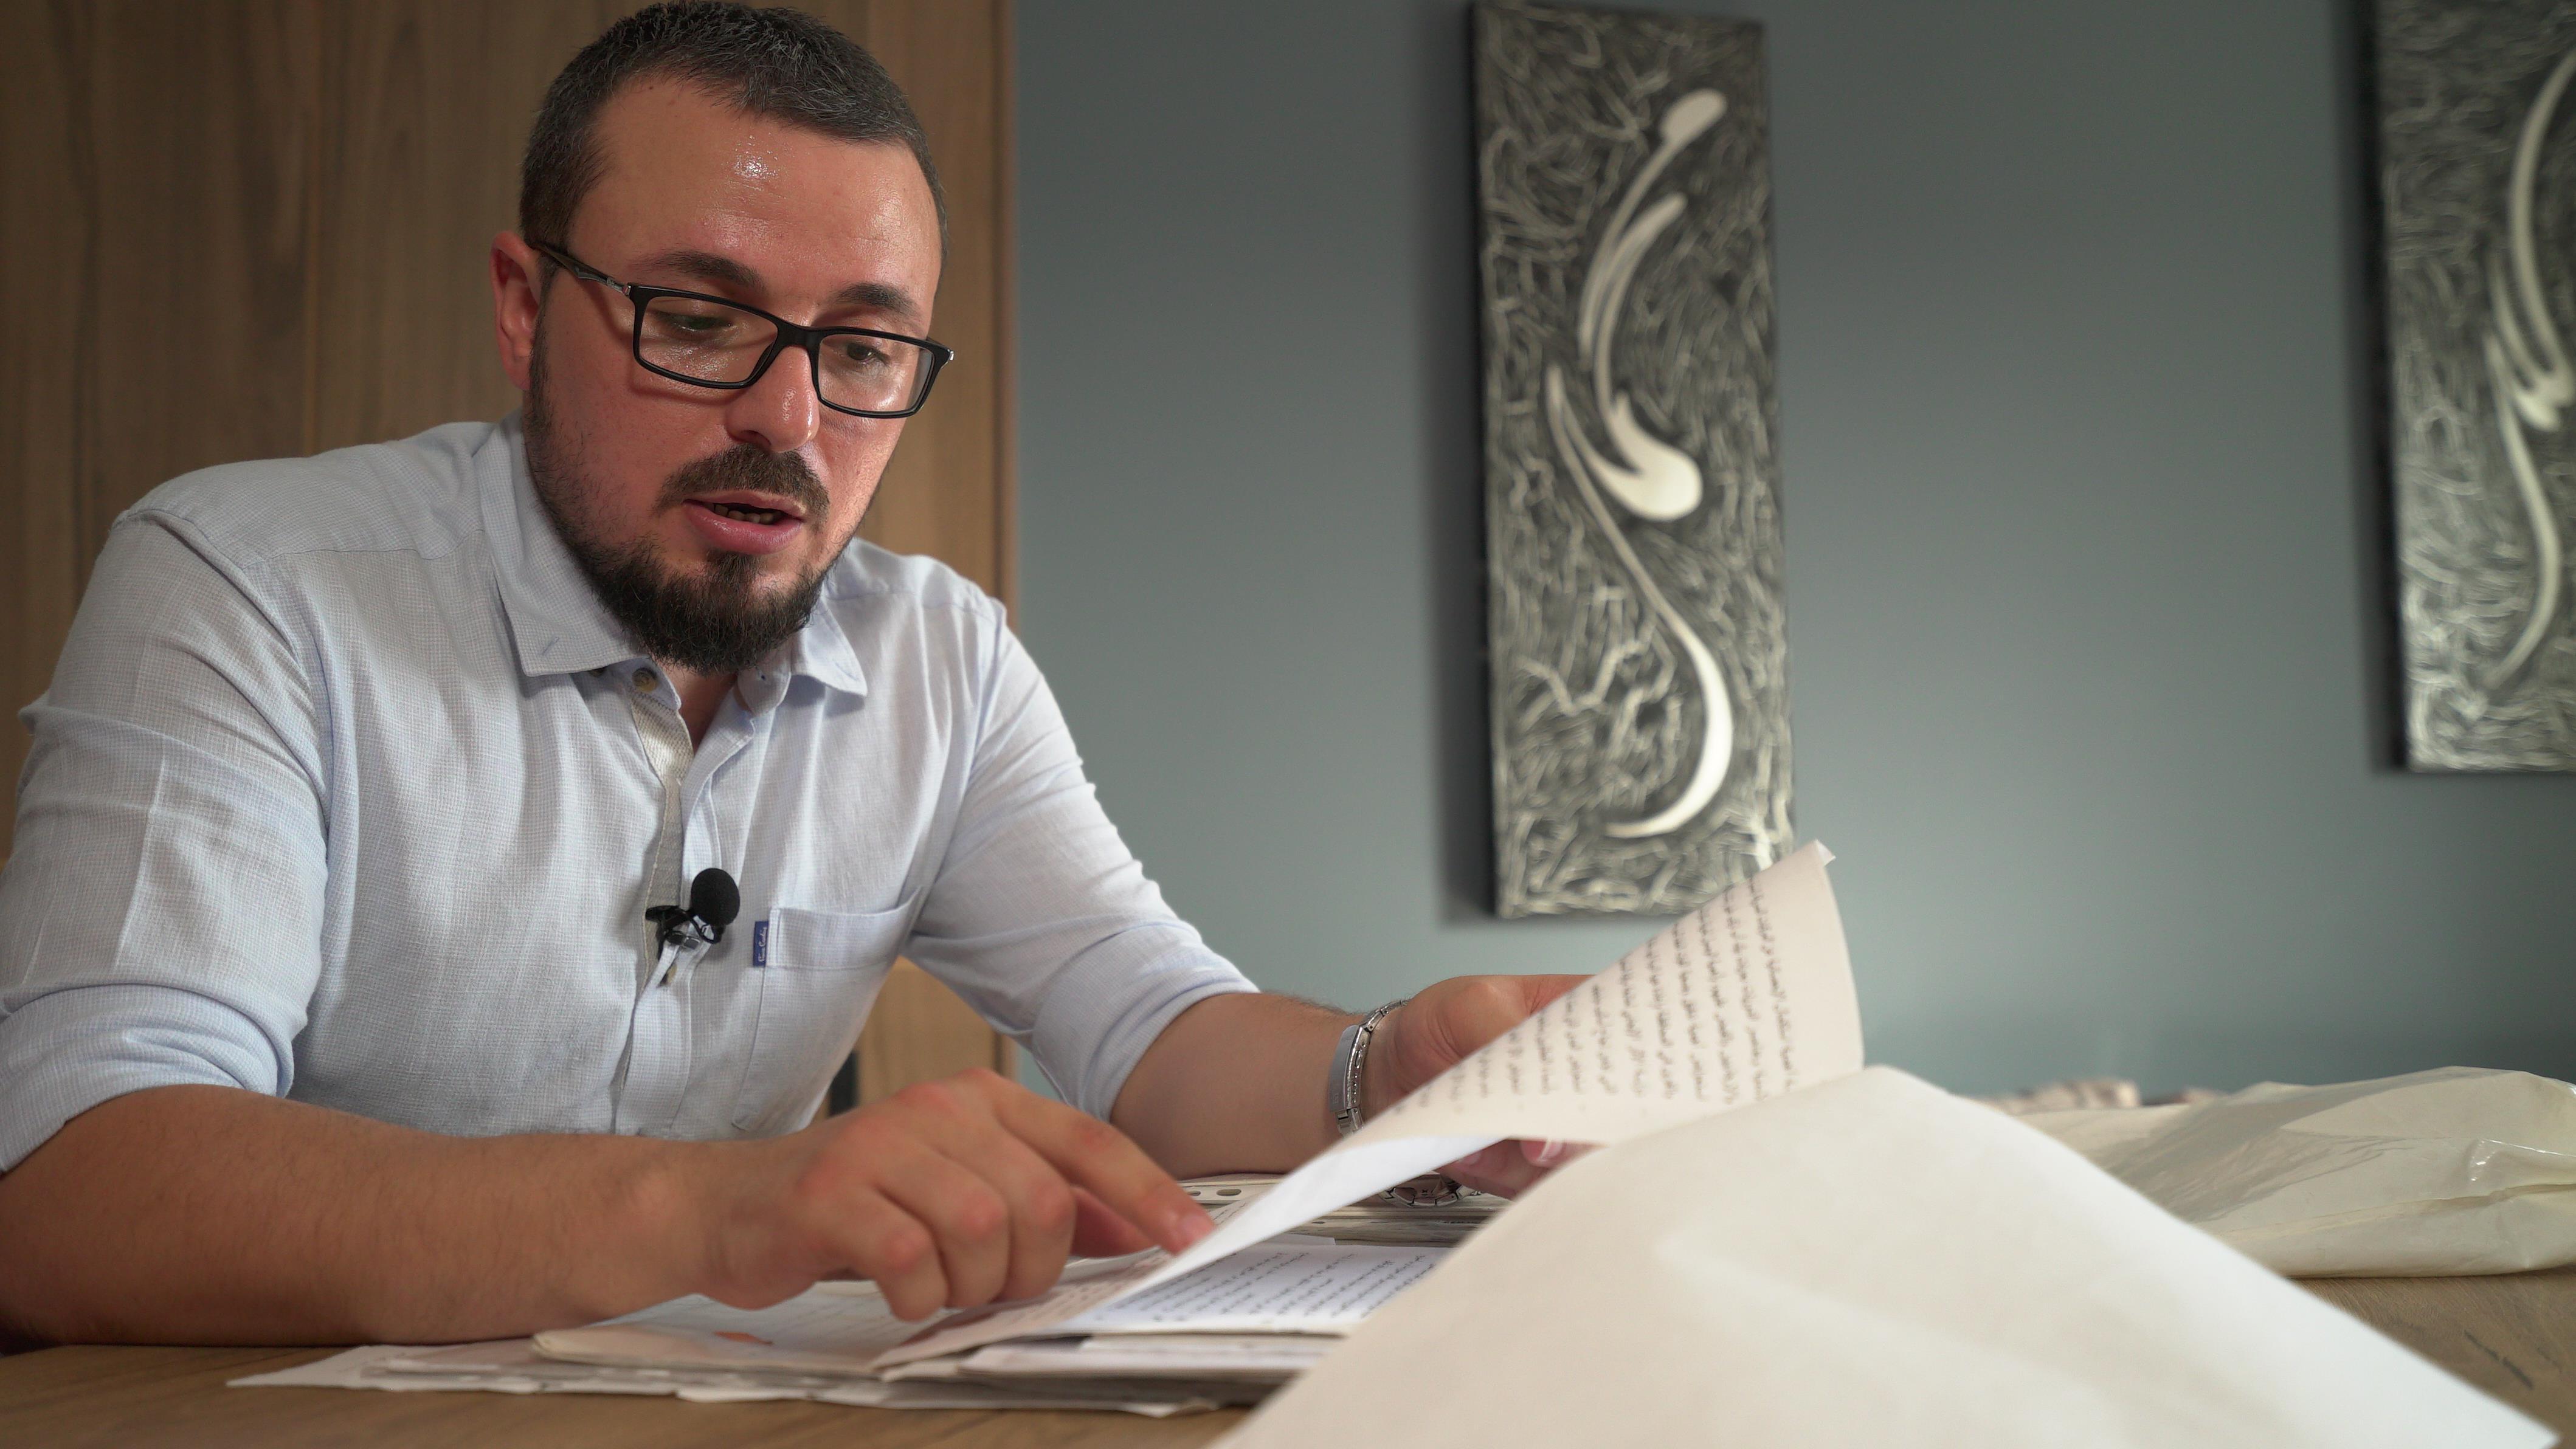 Abdelmajeed Barakat